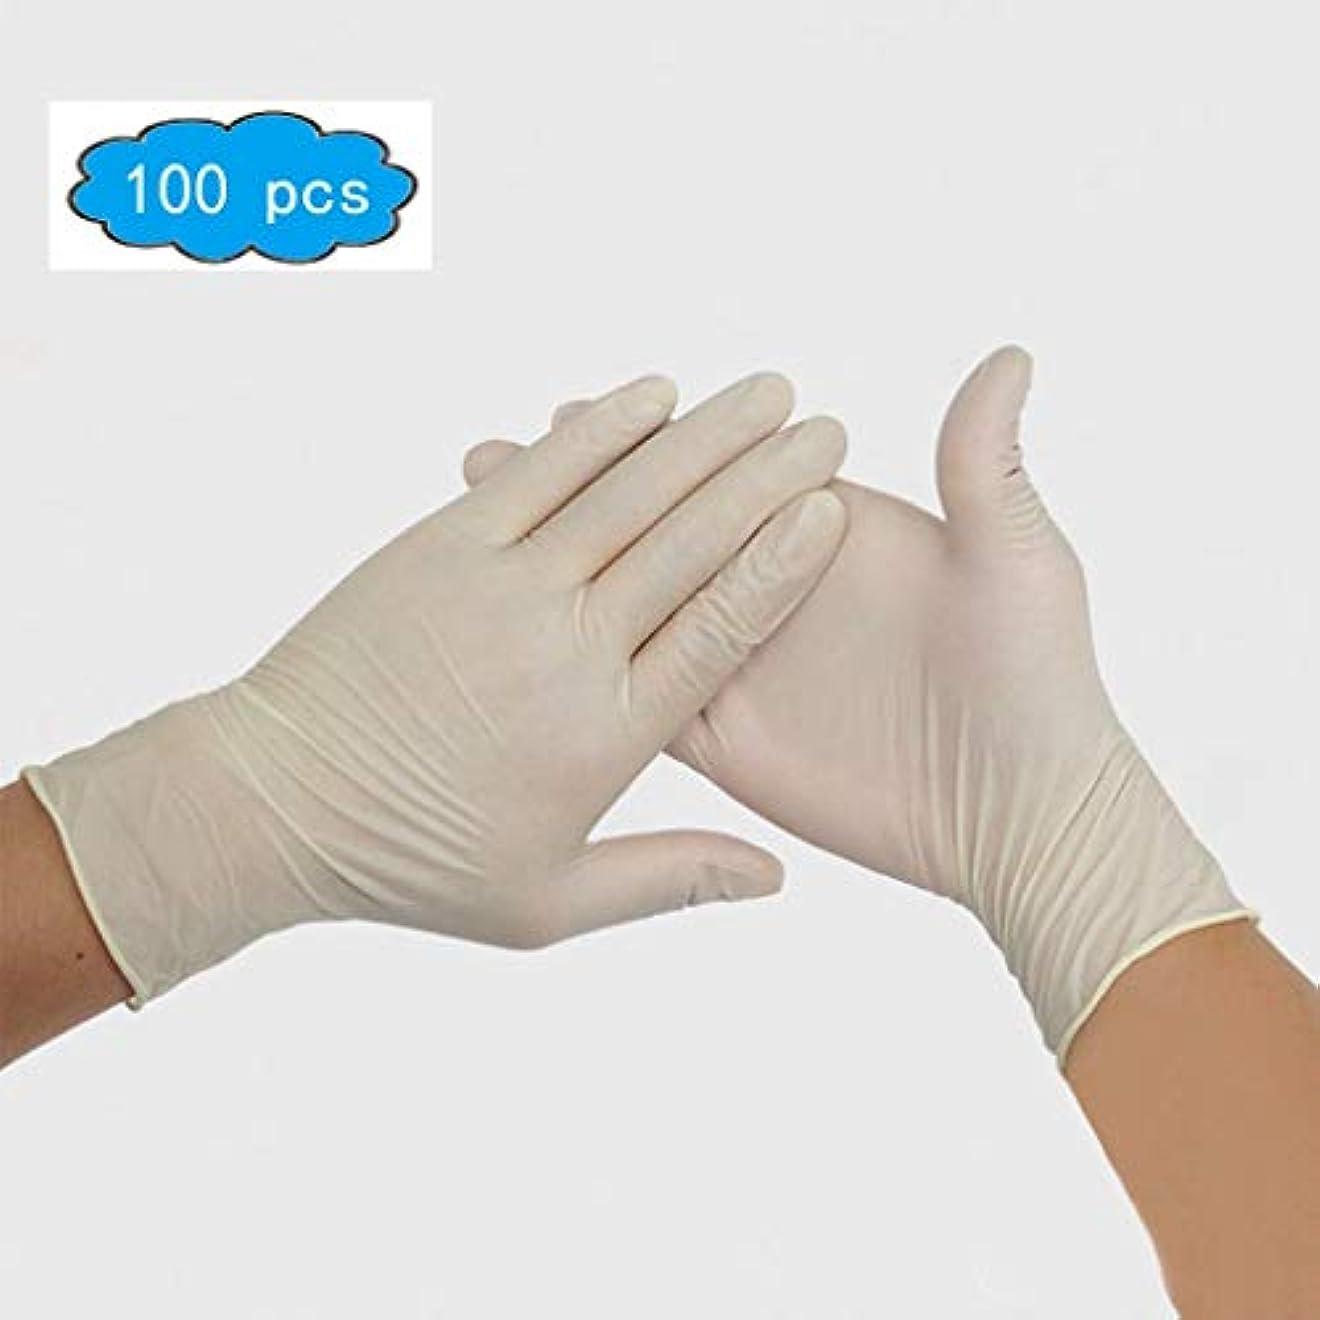 経済精神マスク使い捨て安全手袋、ラテックス手袋、無菌、パウダーフリー、滑らかな接触、食品等級、大型[100パック]家庭用品 (Color : Milky, Size : M)